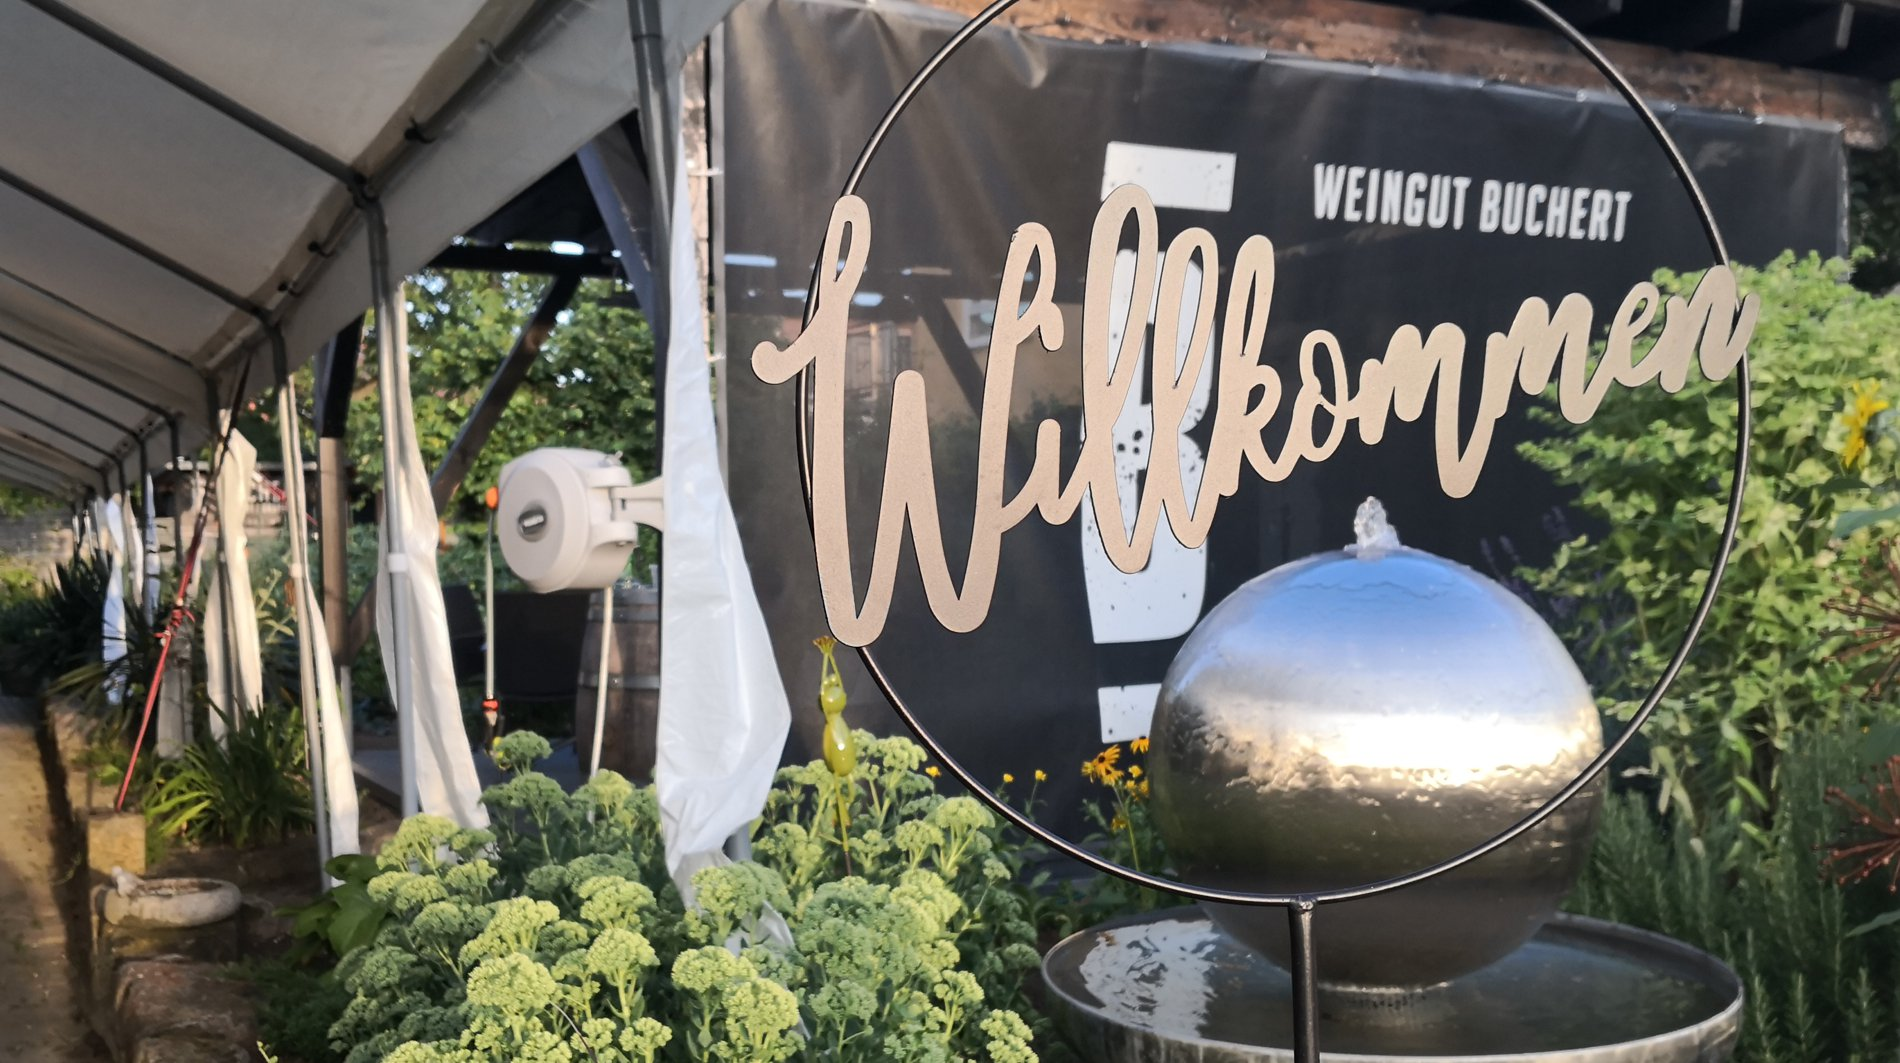 Weingut Buchert Garten